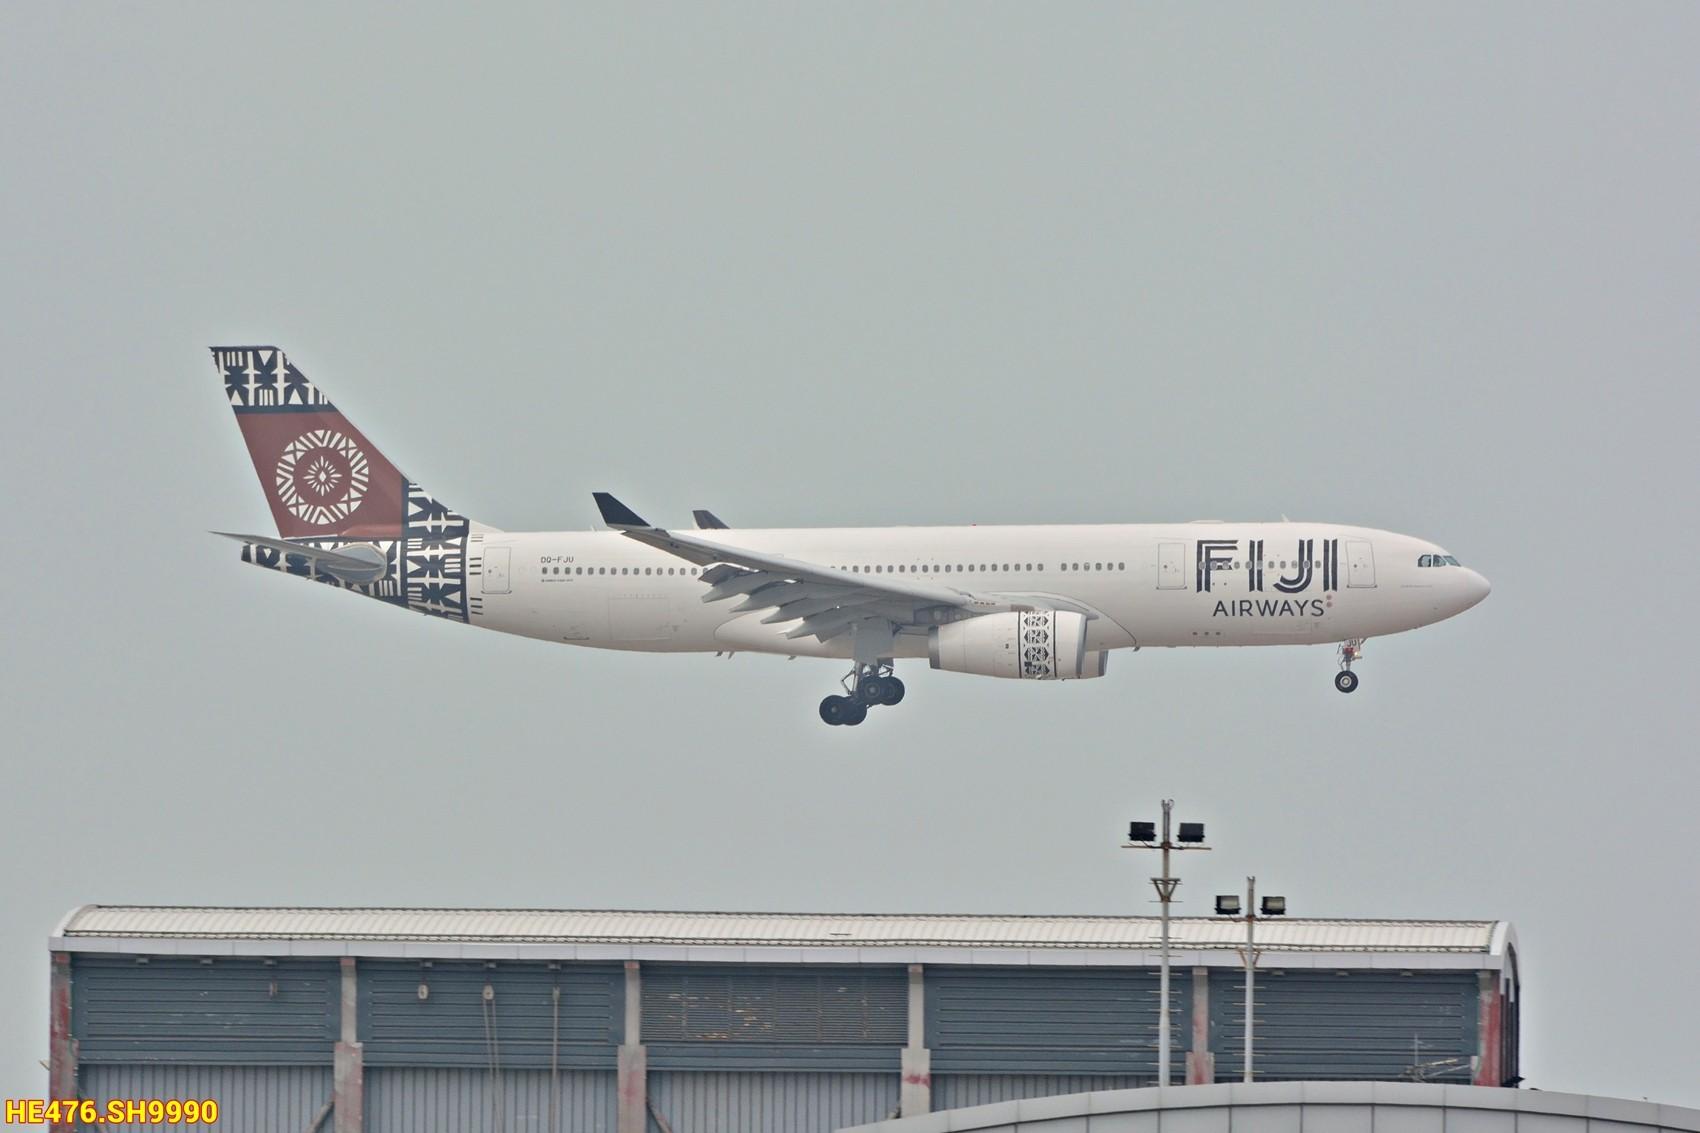 Re:[原创]今天香港HAECO閒攝 AIRBUS A330-200 DQ-FJU 中国香港赤鱲角机场